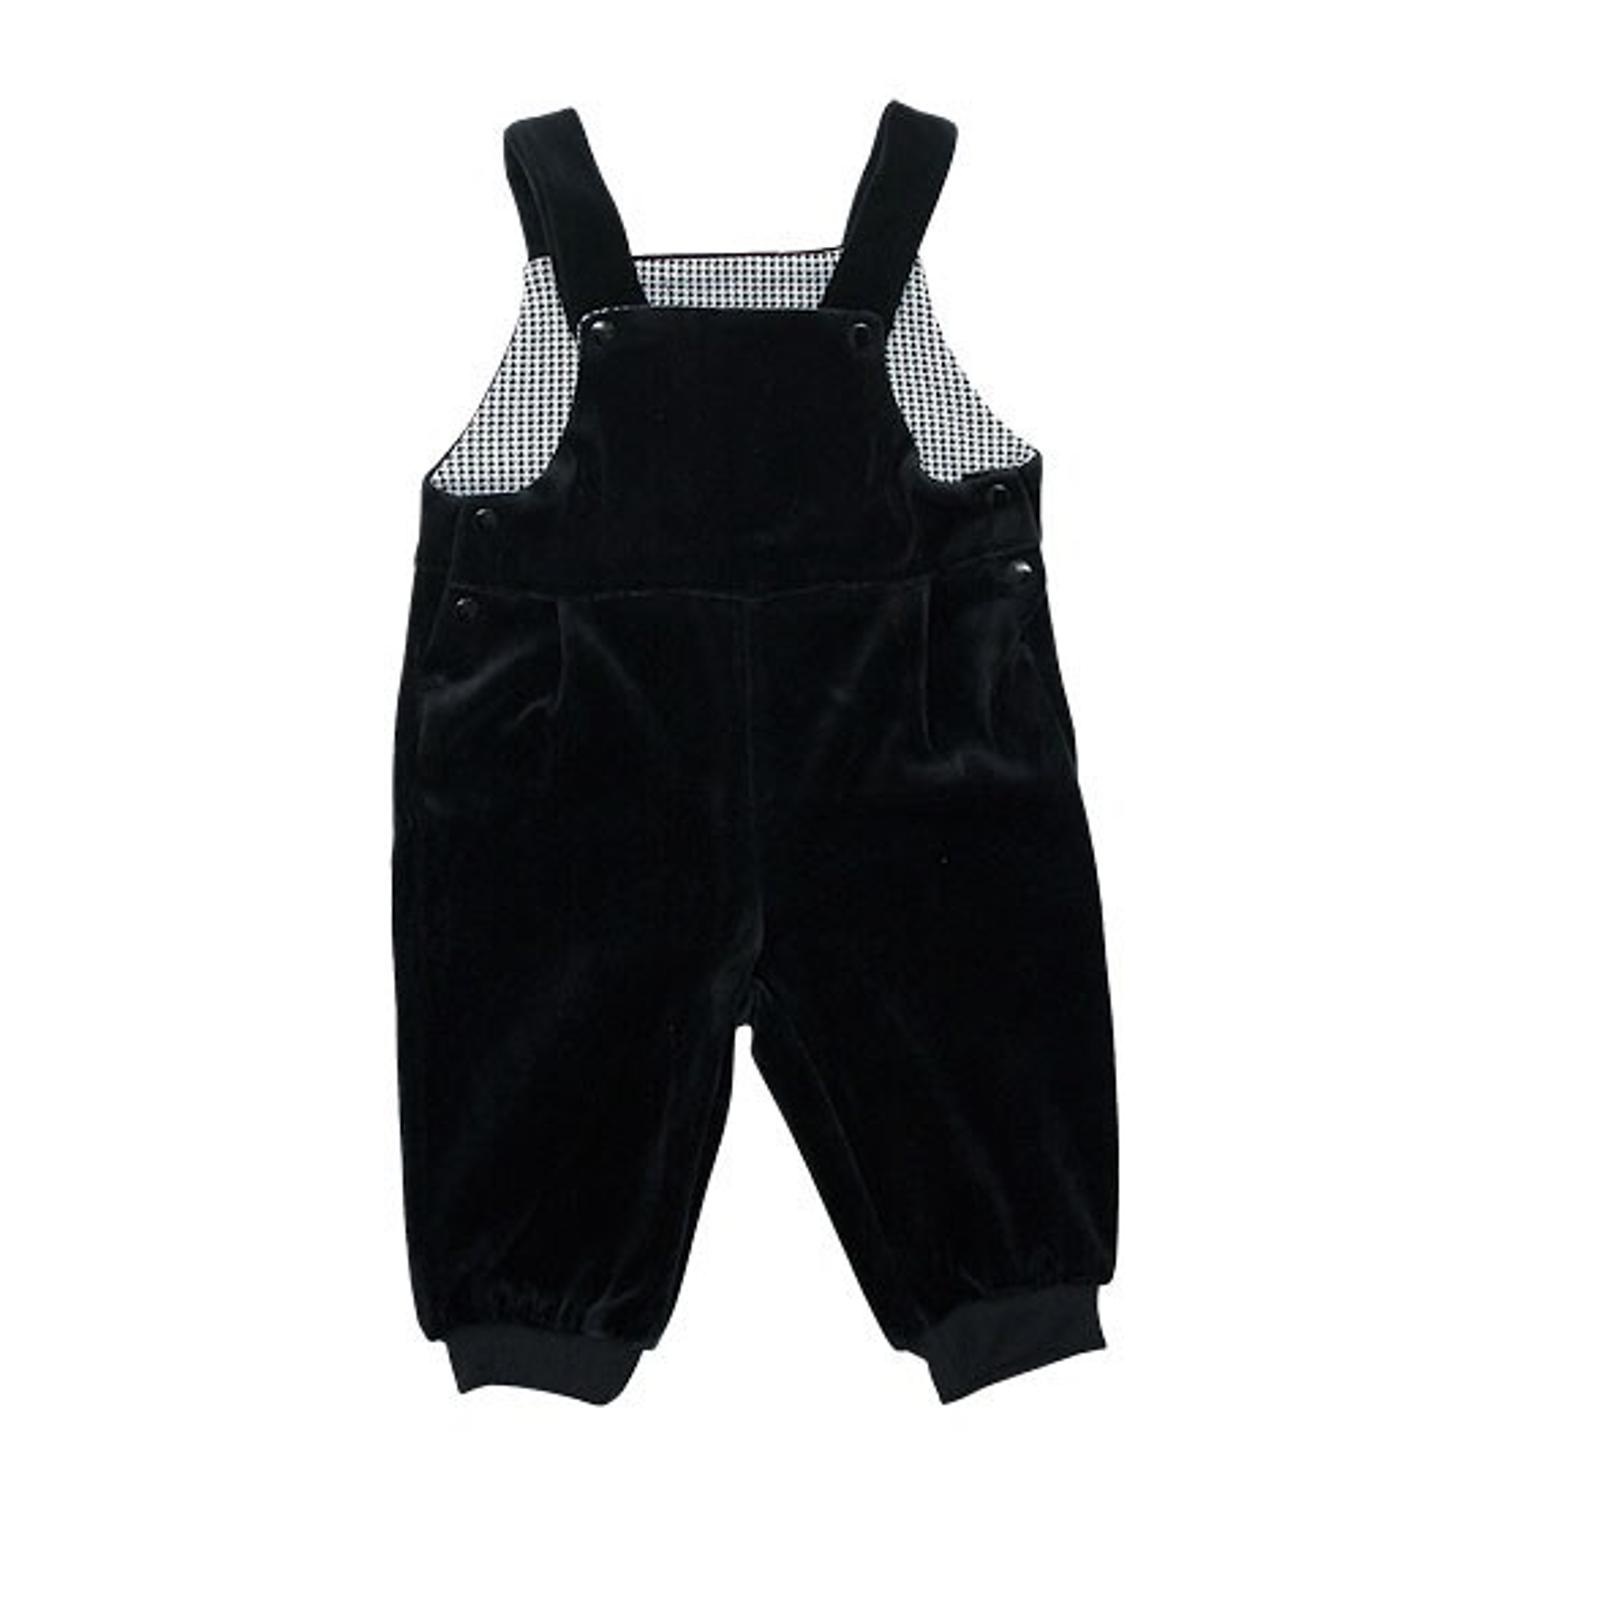 Полукомбинезон велюровый Soni Kids Cони Кидс Денди для мальчика, цвет черный размер 86